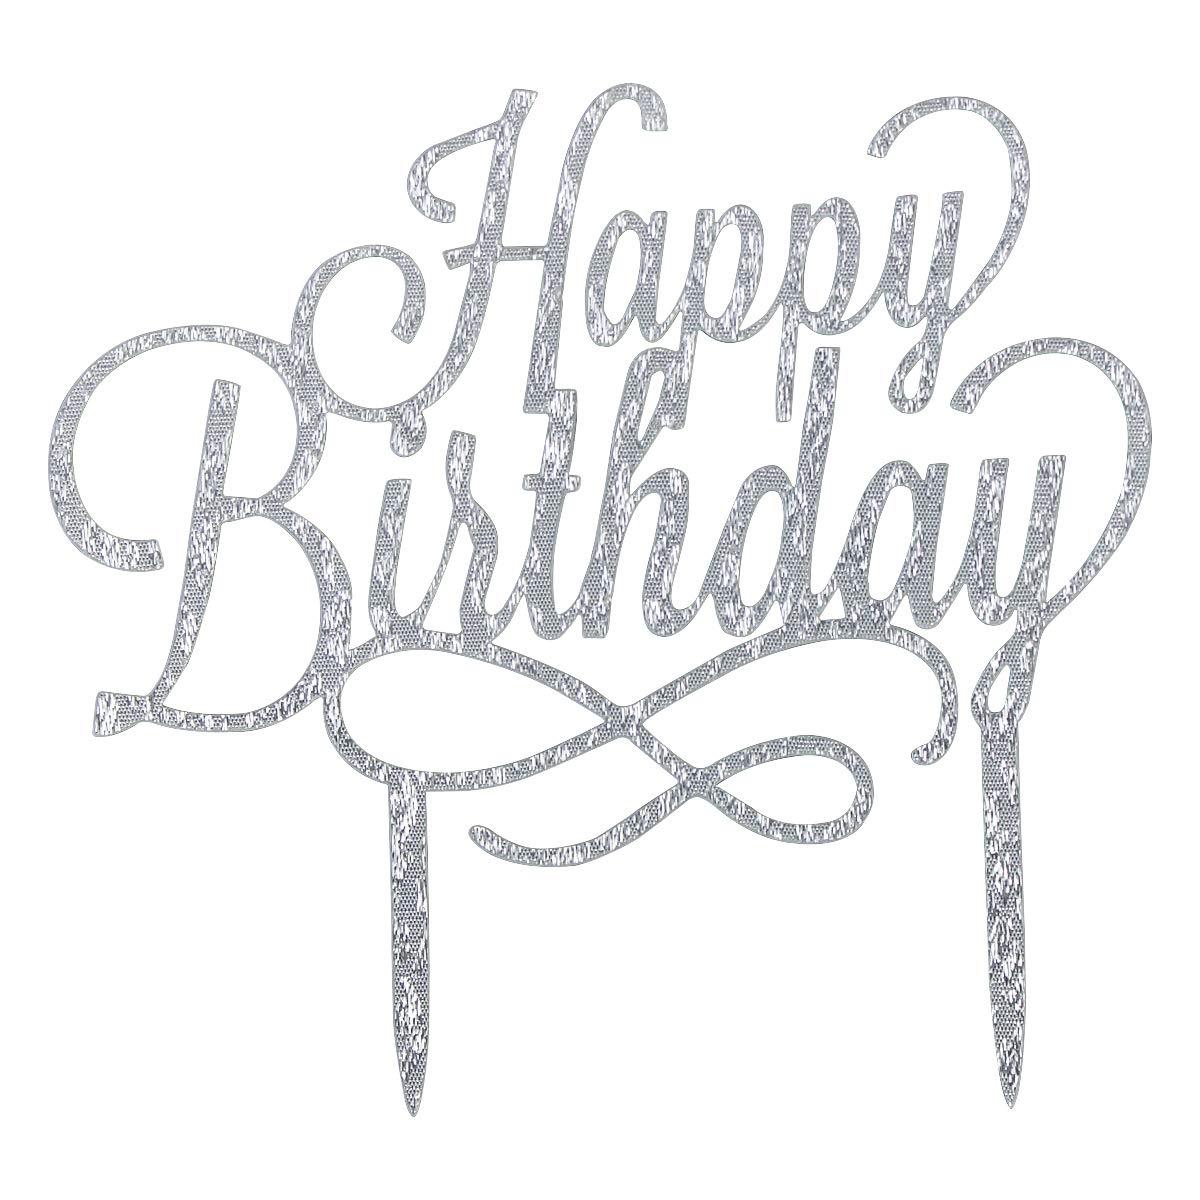 Decoraci/ón de Pasteles,Acr/ílico DIY Cupcake Topper Pare Fiesta de Aniversario,2 Piezas-Oro y Plata. Decoraci/ón para Tartas de Cumplea/ños Kissral Happy Birthday Cake Topper